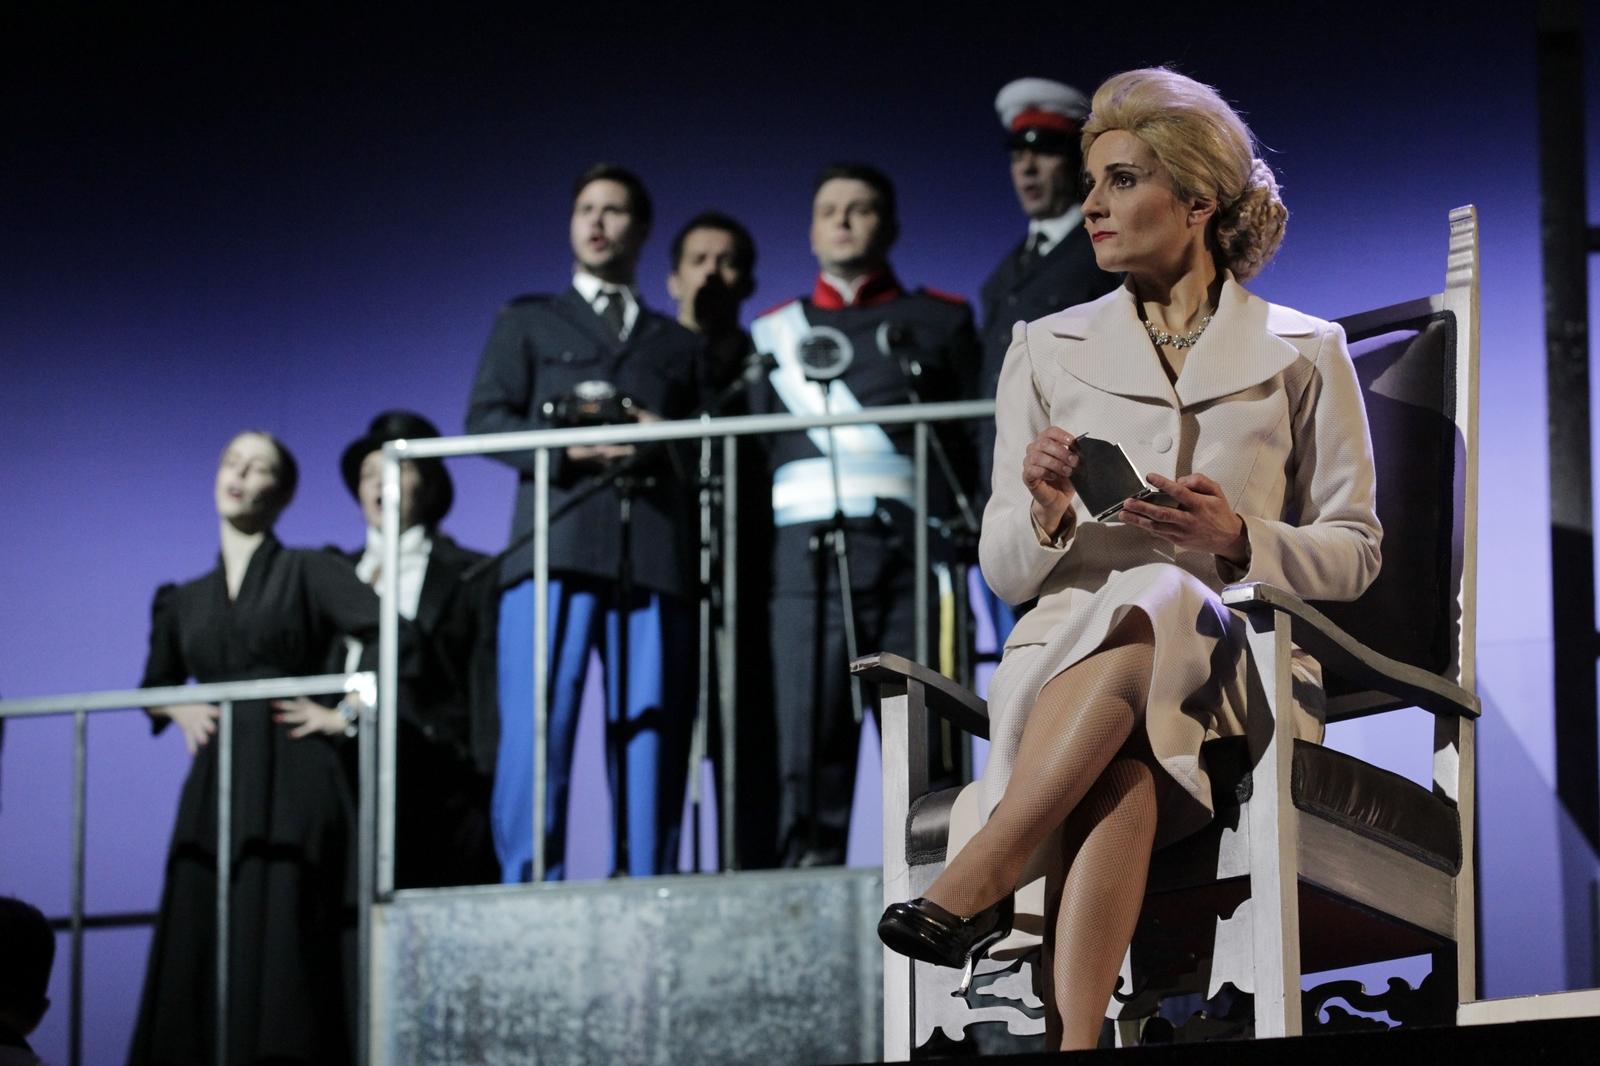 Premijera mjuzikla 'Evita' u riječkom HNK-u